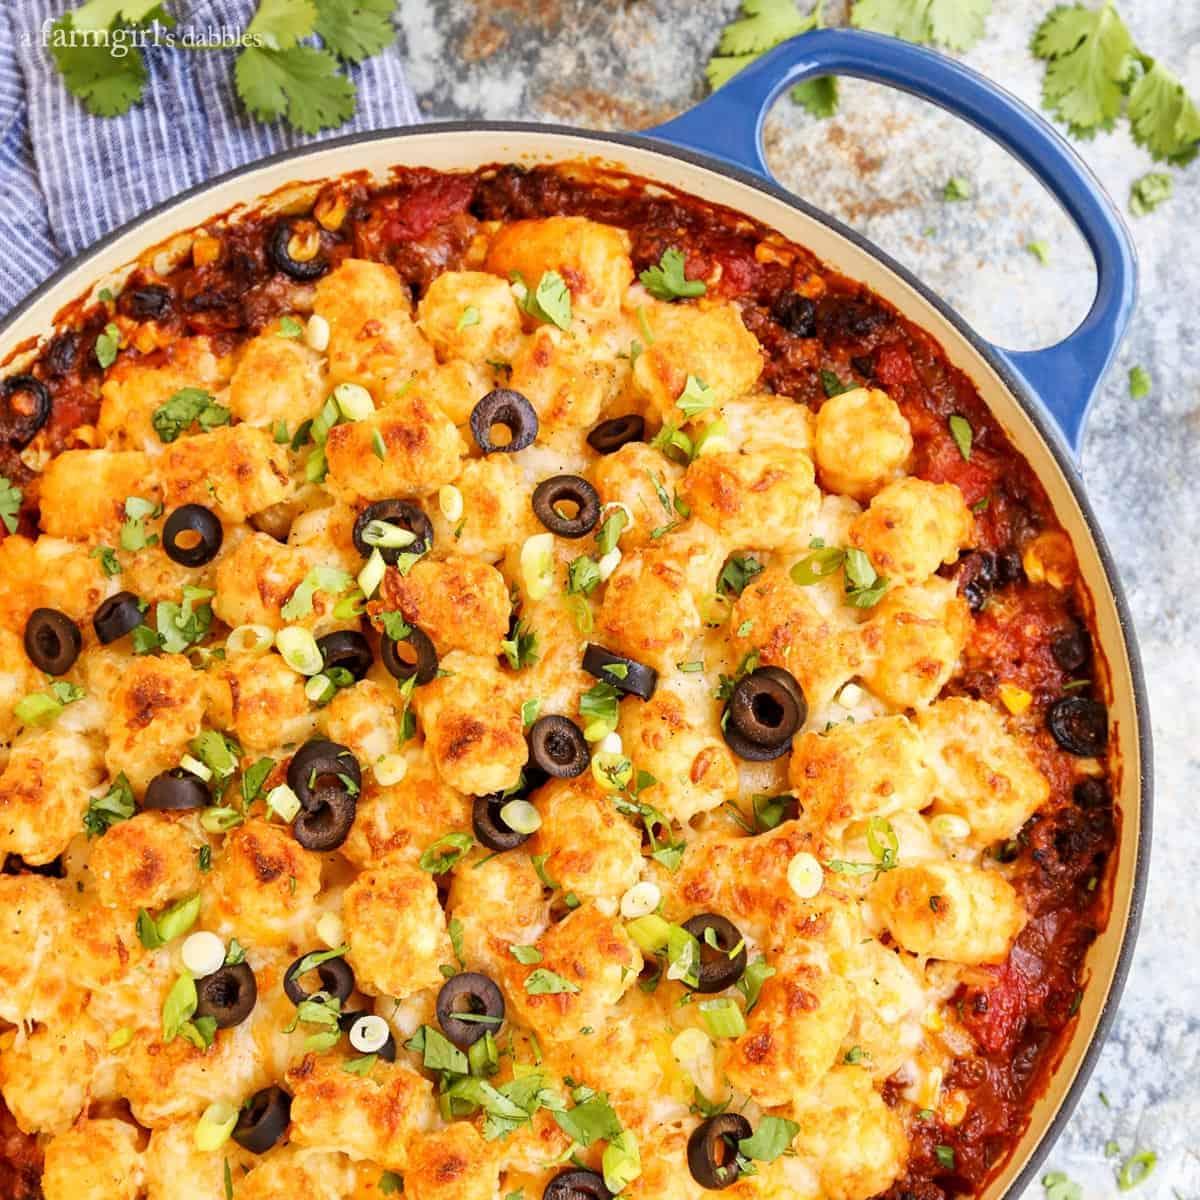 Taco Tater Tot Hotdish from afarmgirlsdabbles.com